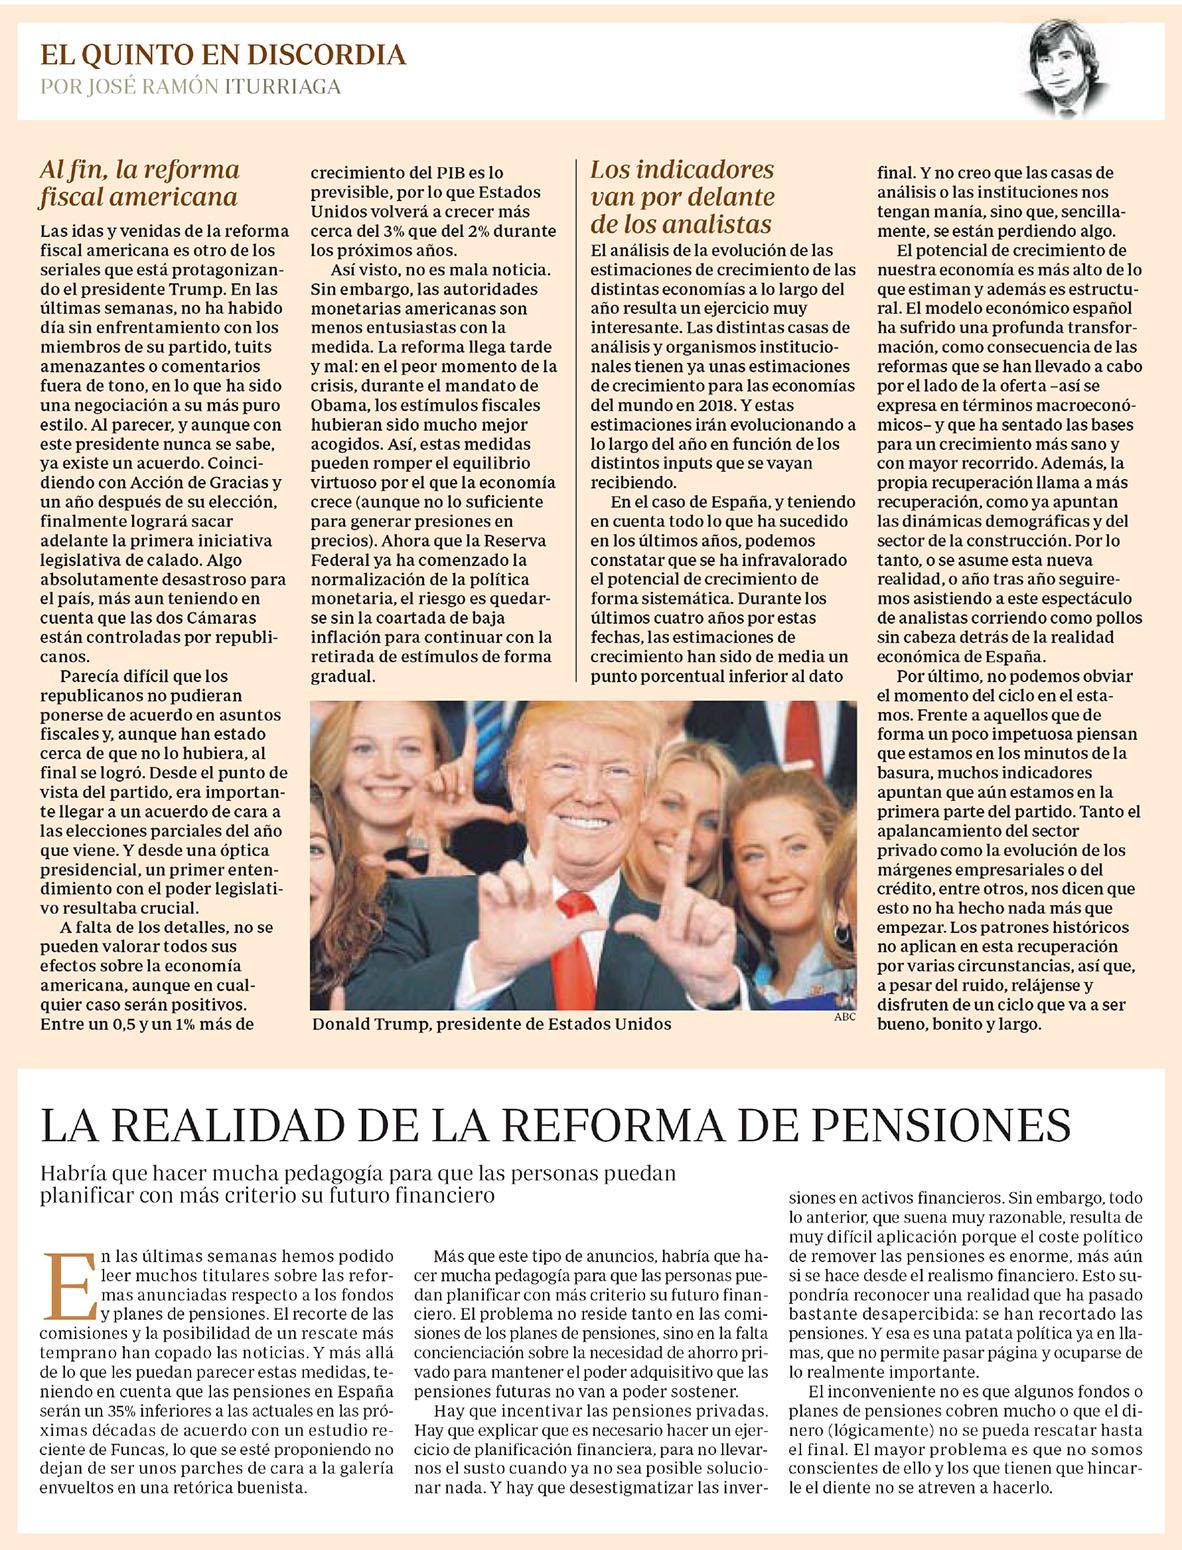 ABC Iturriaga EQED reforma fiscal en EEUU, indicadores y la reforma de las pensiones